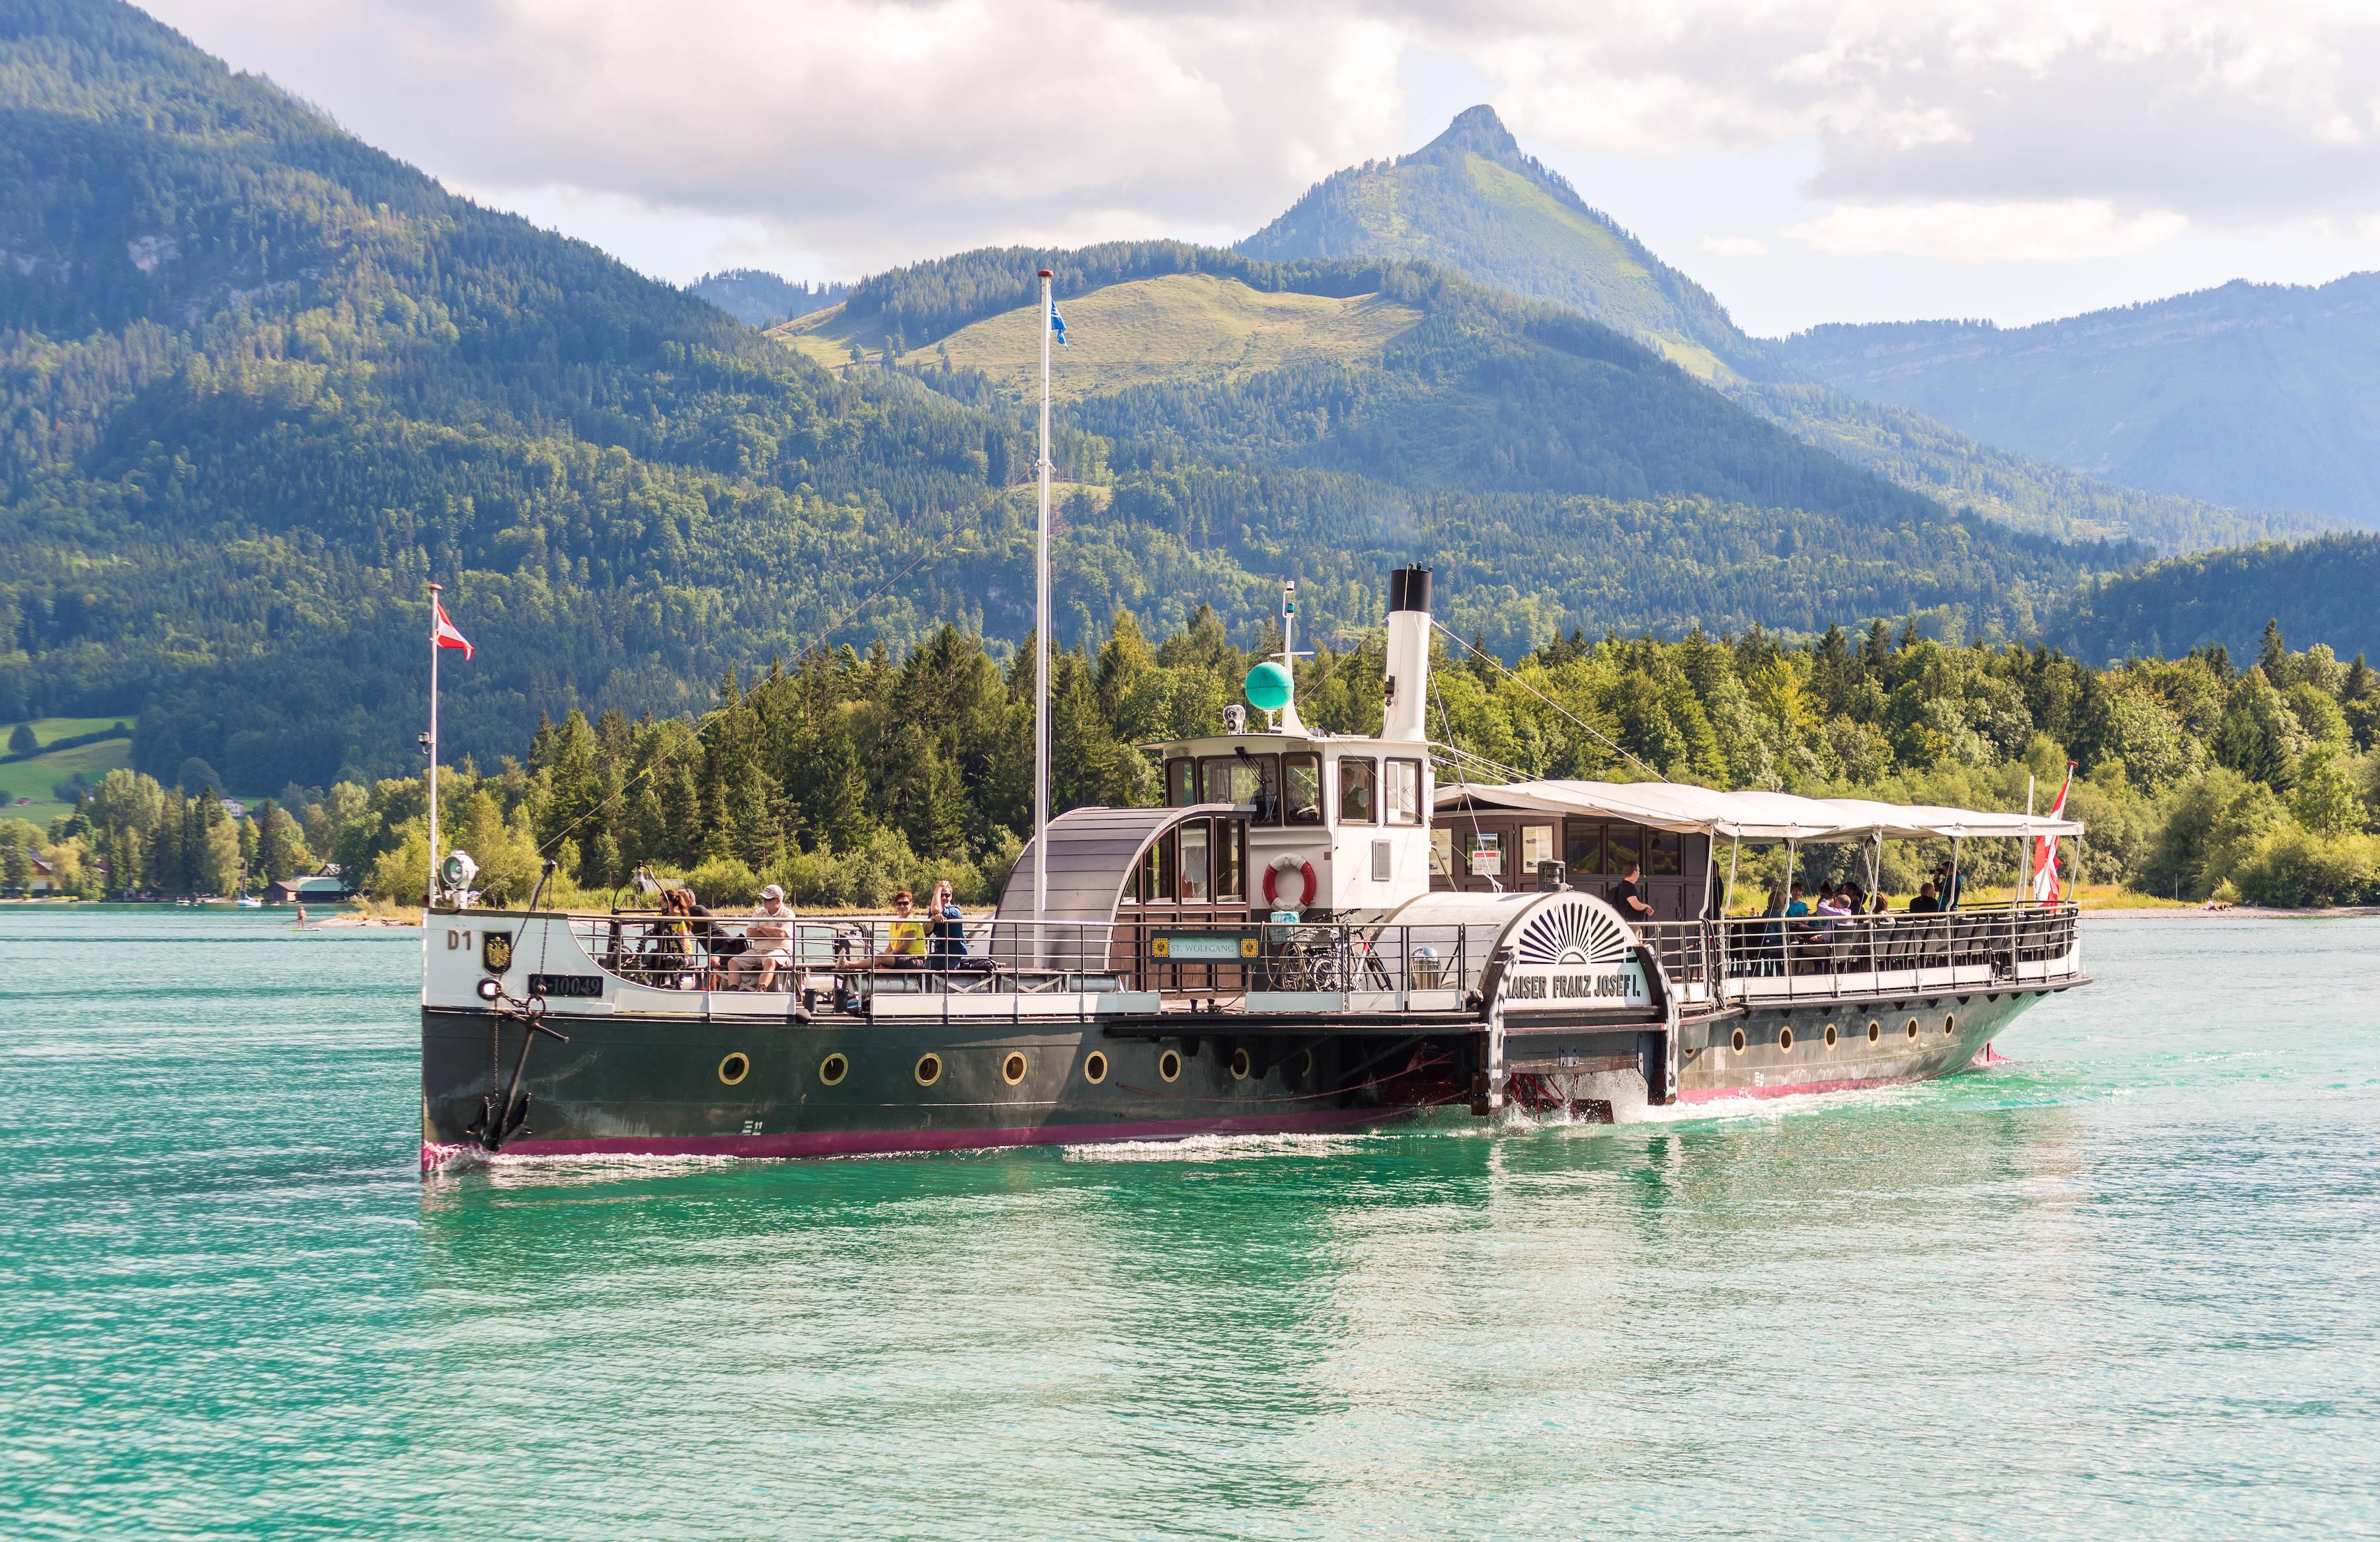 原创 最饱眼福的萨尔茨堡州游船之旅,山水如画的萨尔茨卡默古特再现人间仙境